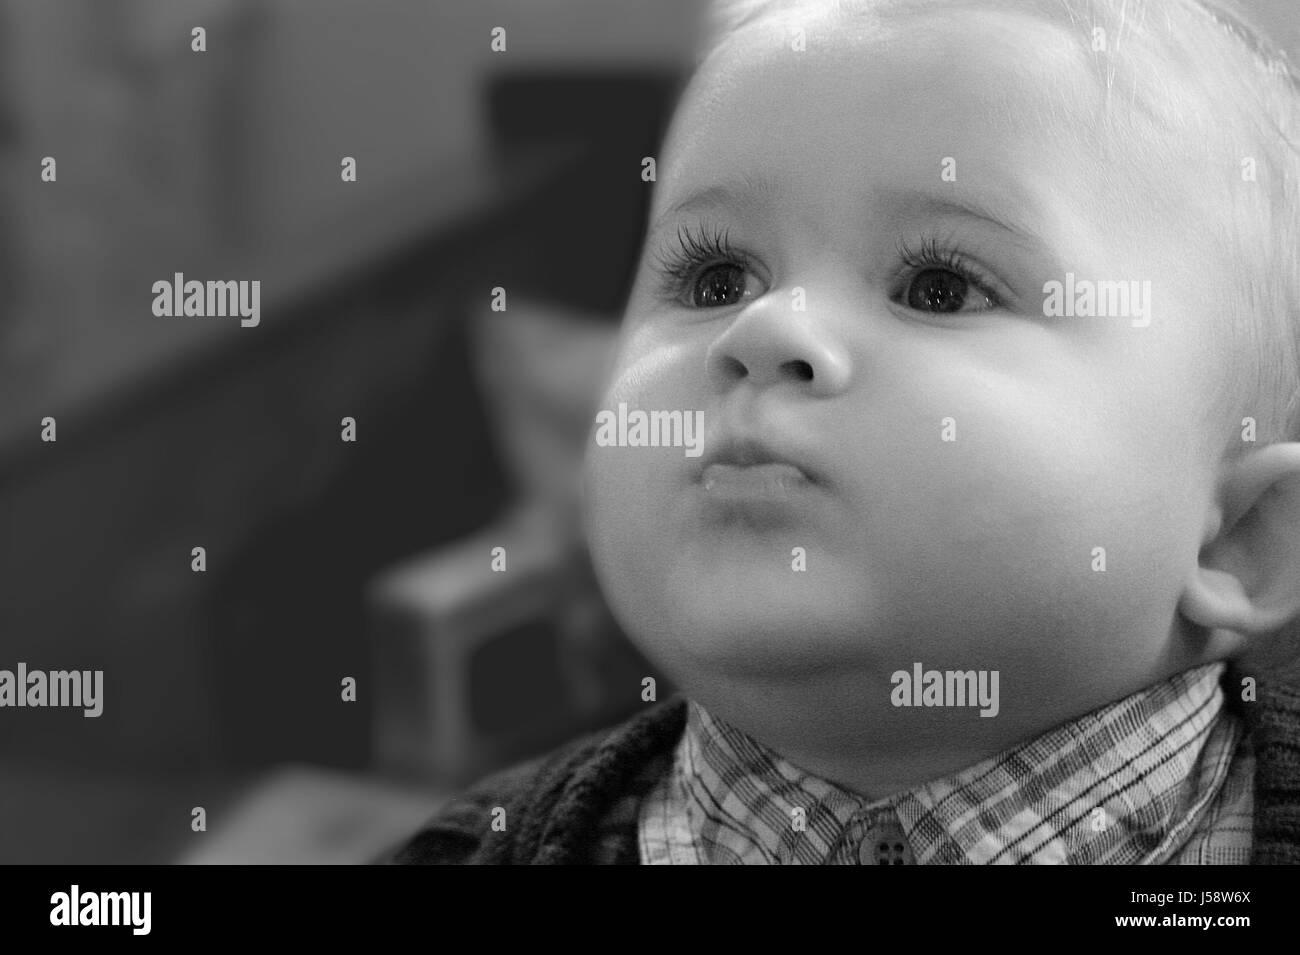 Bebe Asombro Sorprendido Pregunto Para Los Ninos Bebes Ninos